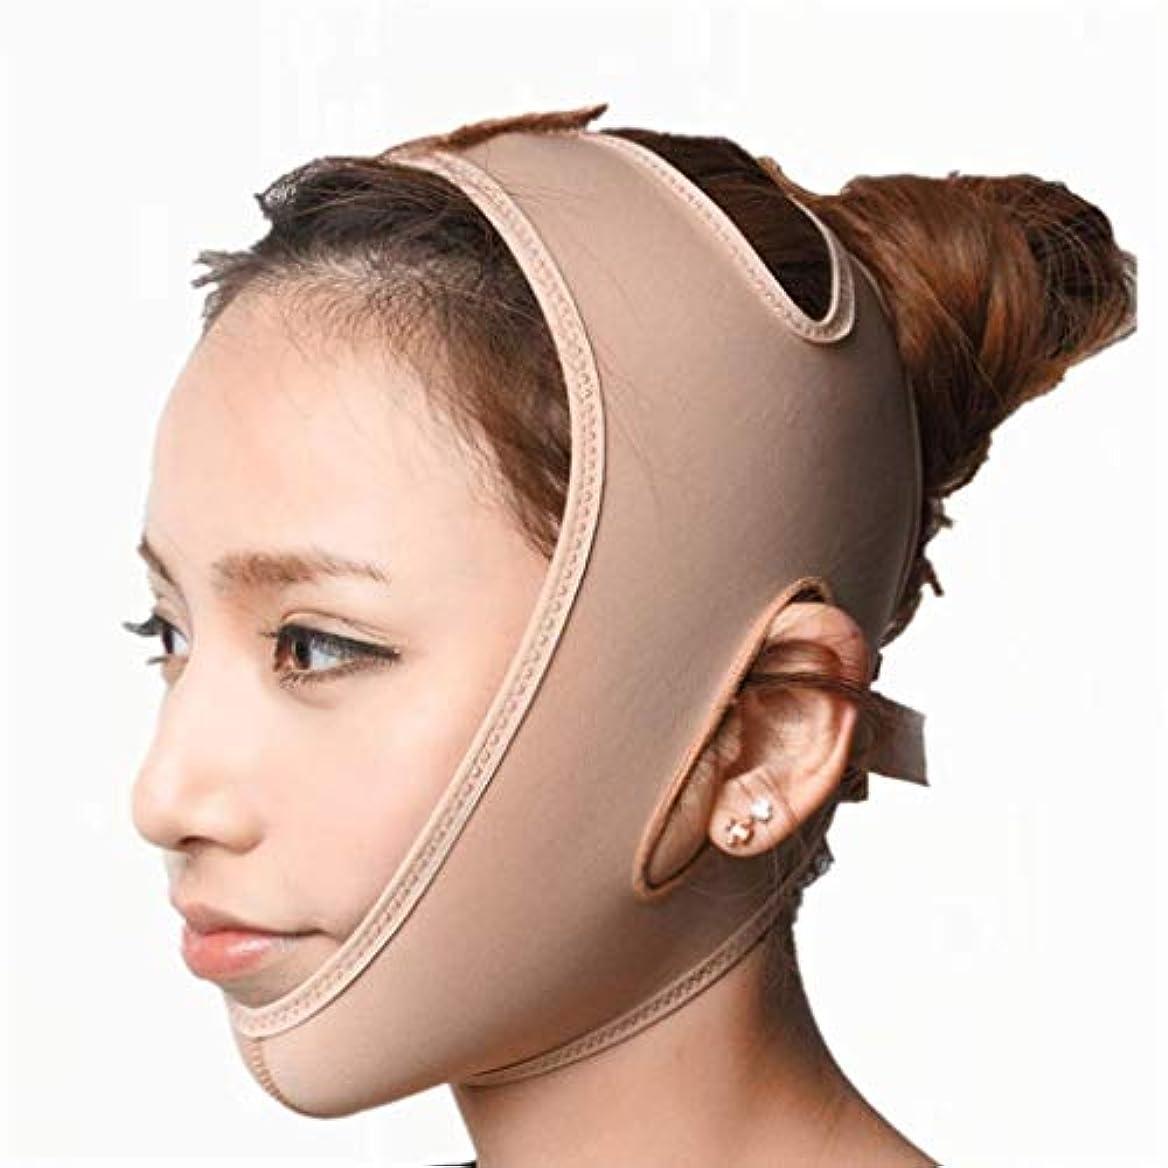 カプラーレジデンスファンフェイスリフティング痩身Vフェイスマスクフルカバレッジ包帯減らす顔の二重あごケア減量美容ベルト通気性